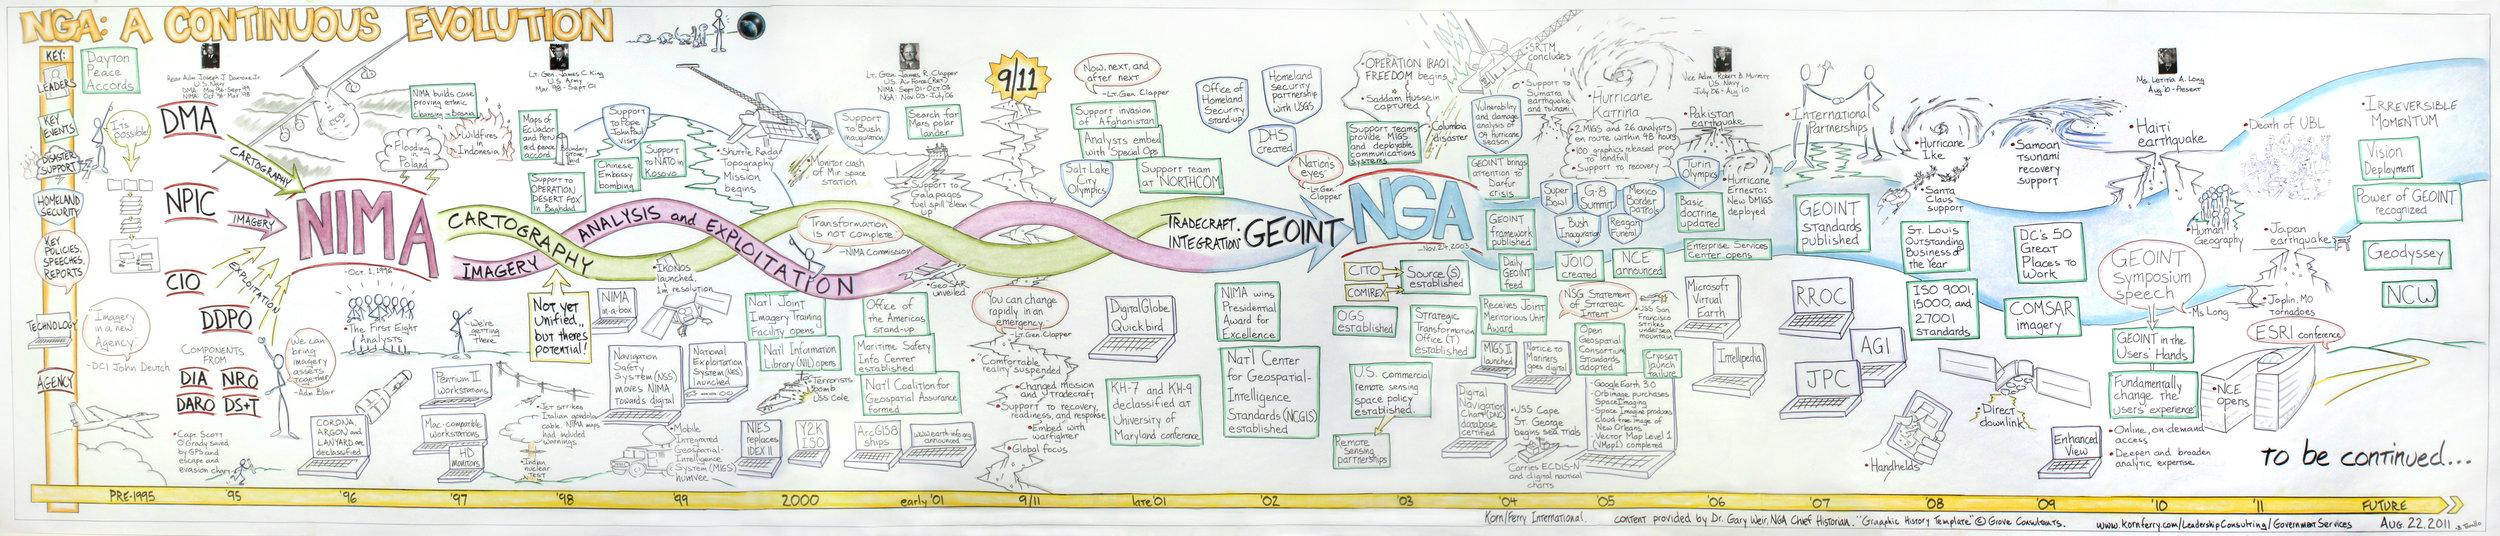 NGA Timeline 17x3 10MB.jpg